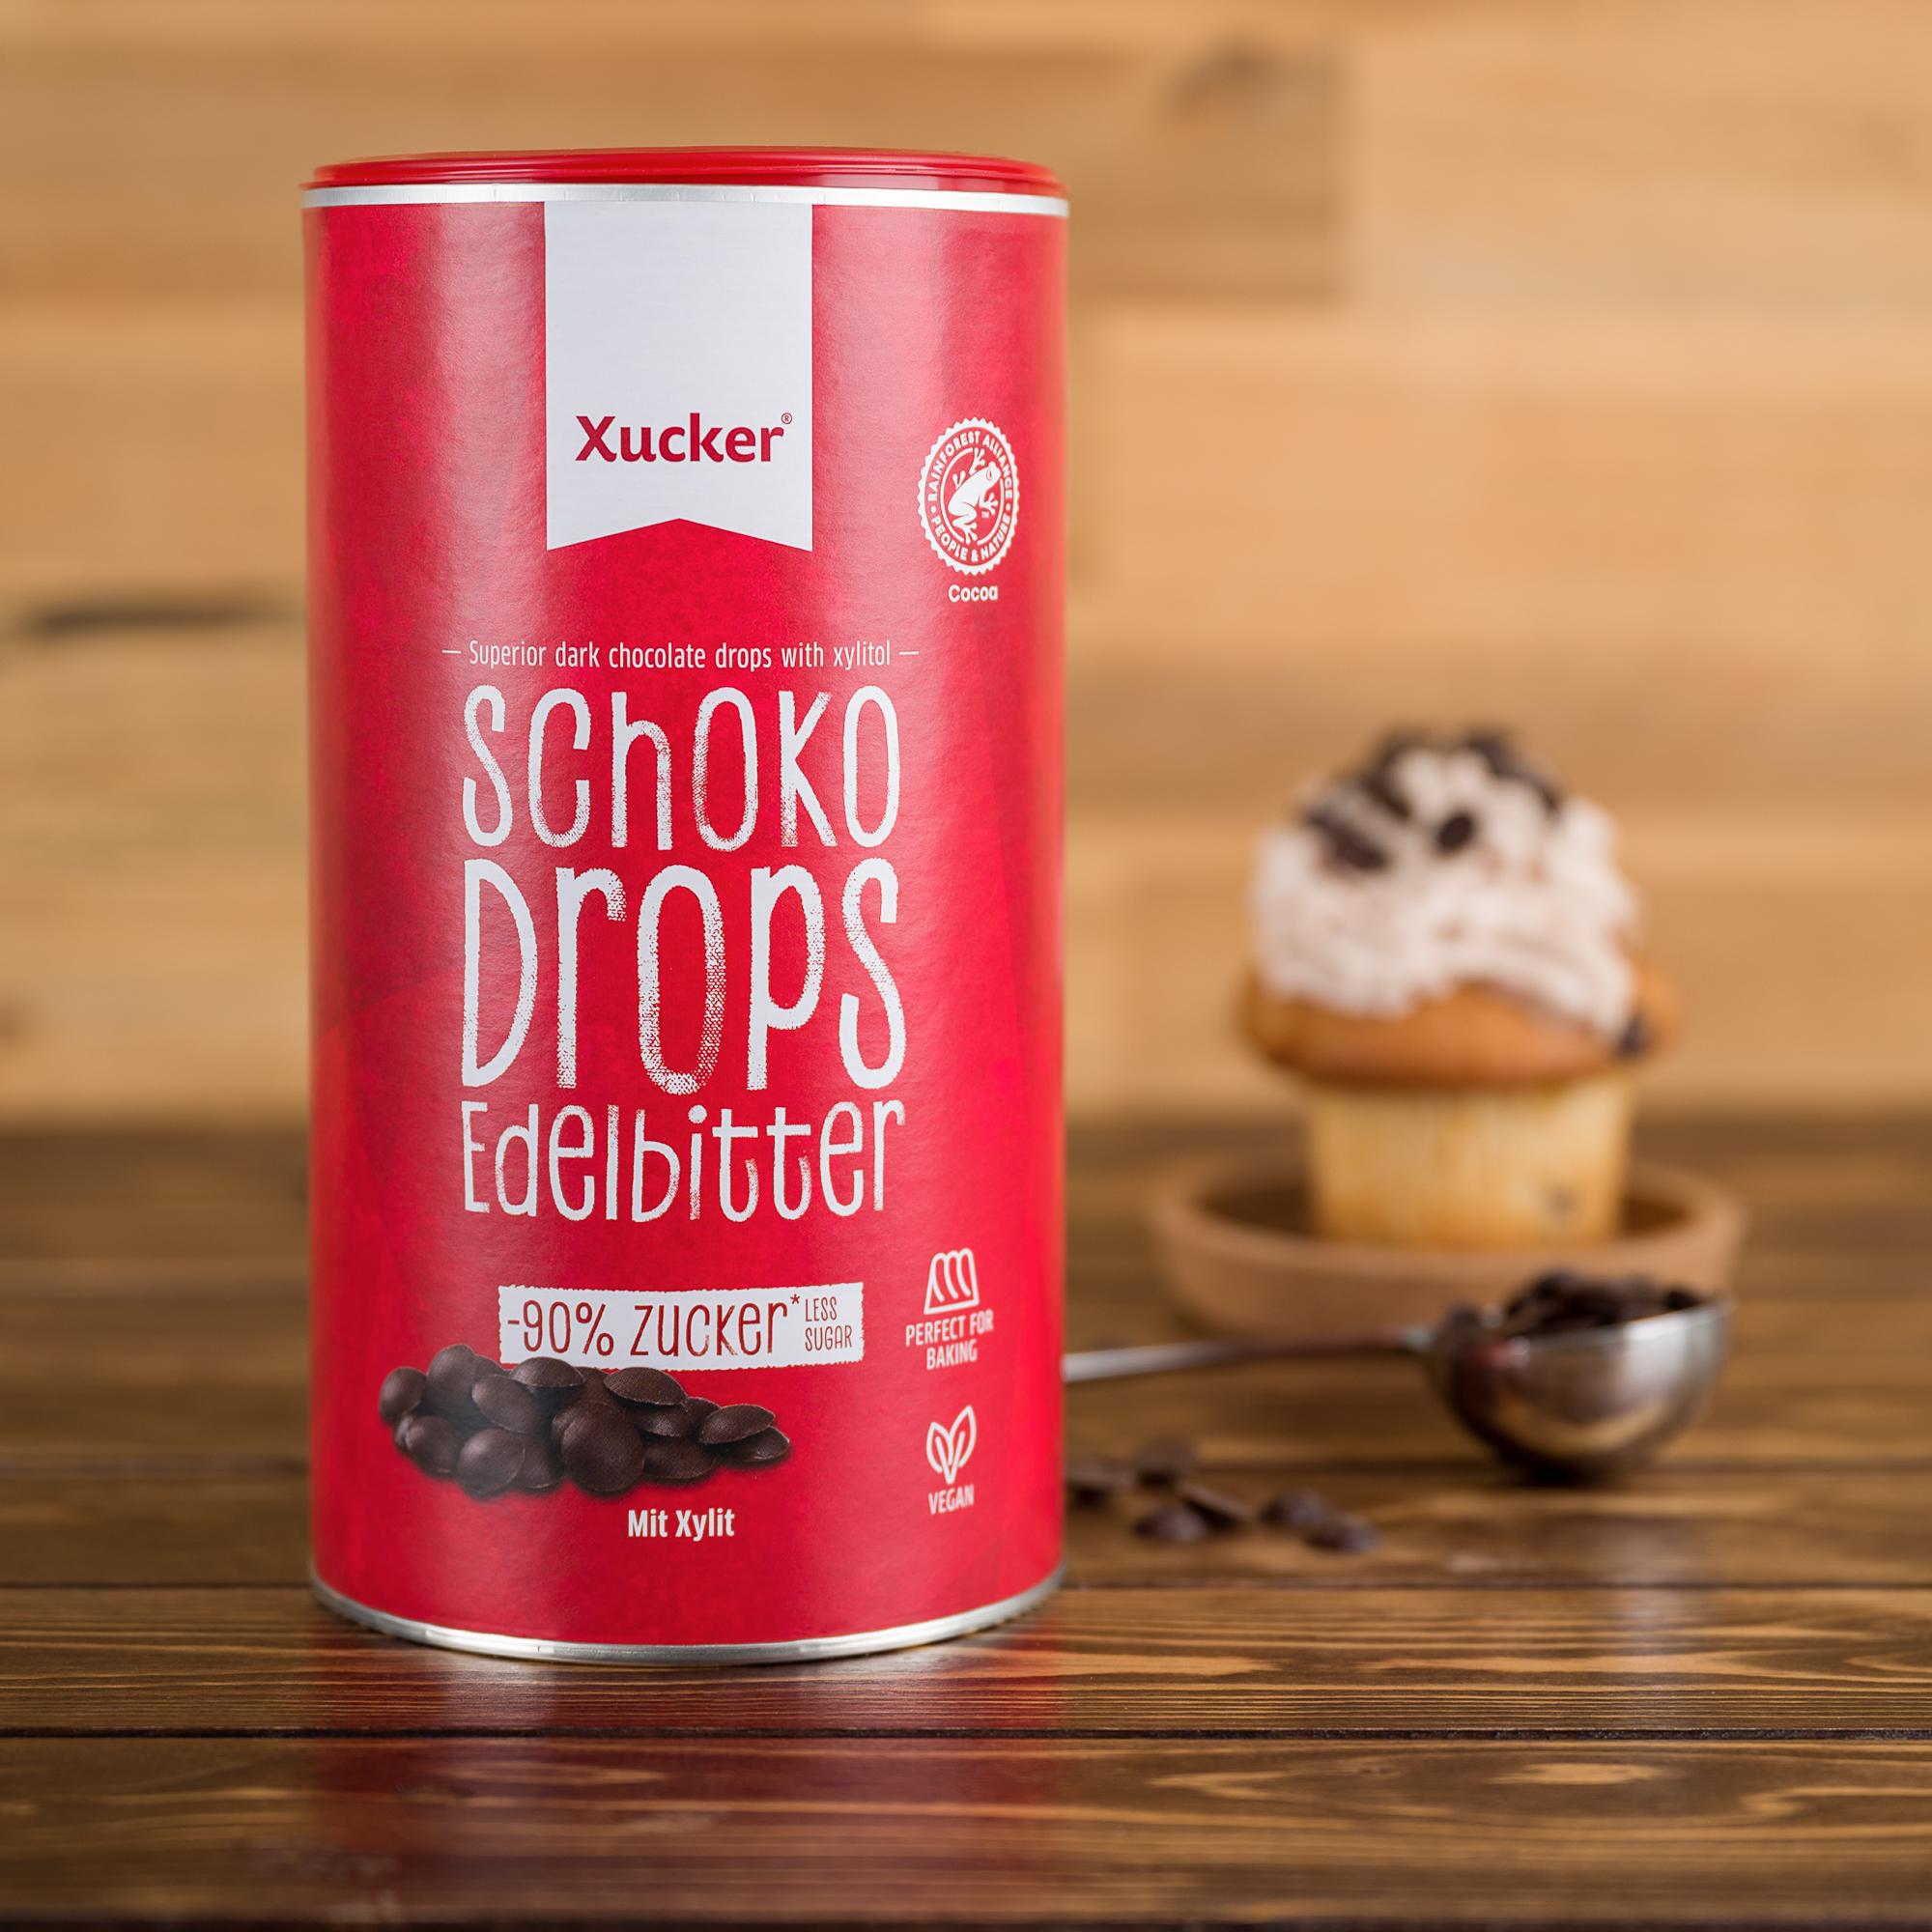 Xucker Schoko-Drops Edelbitter groß